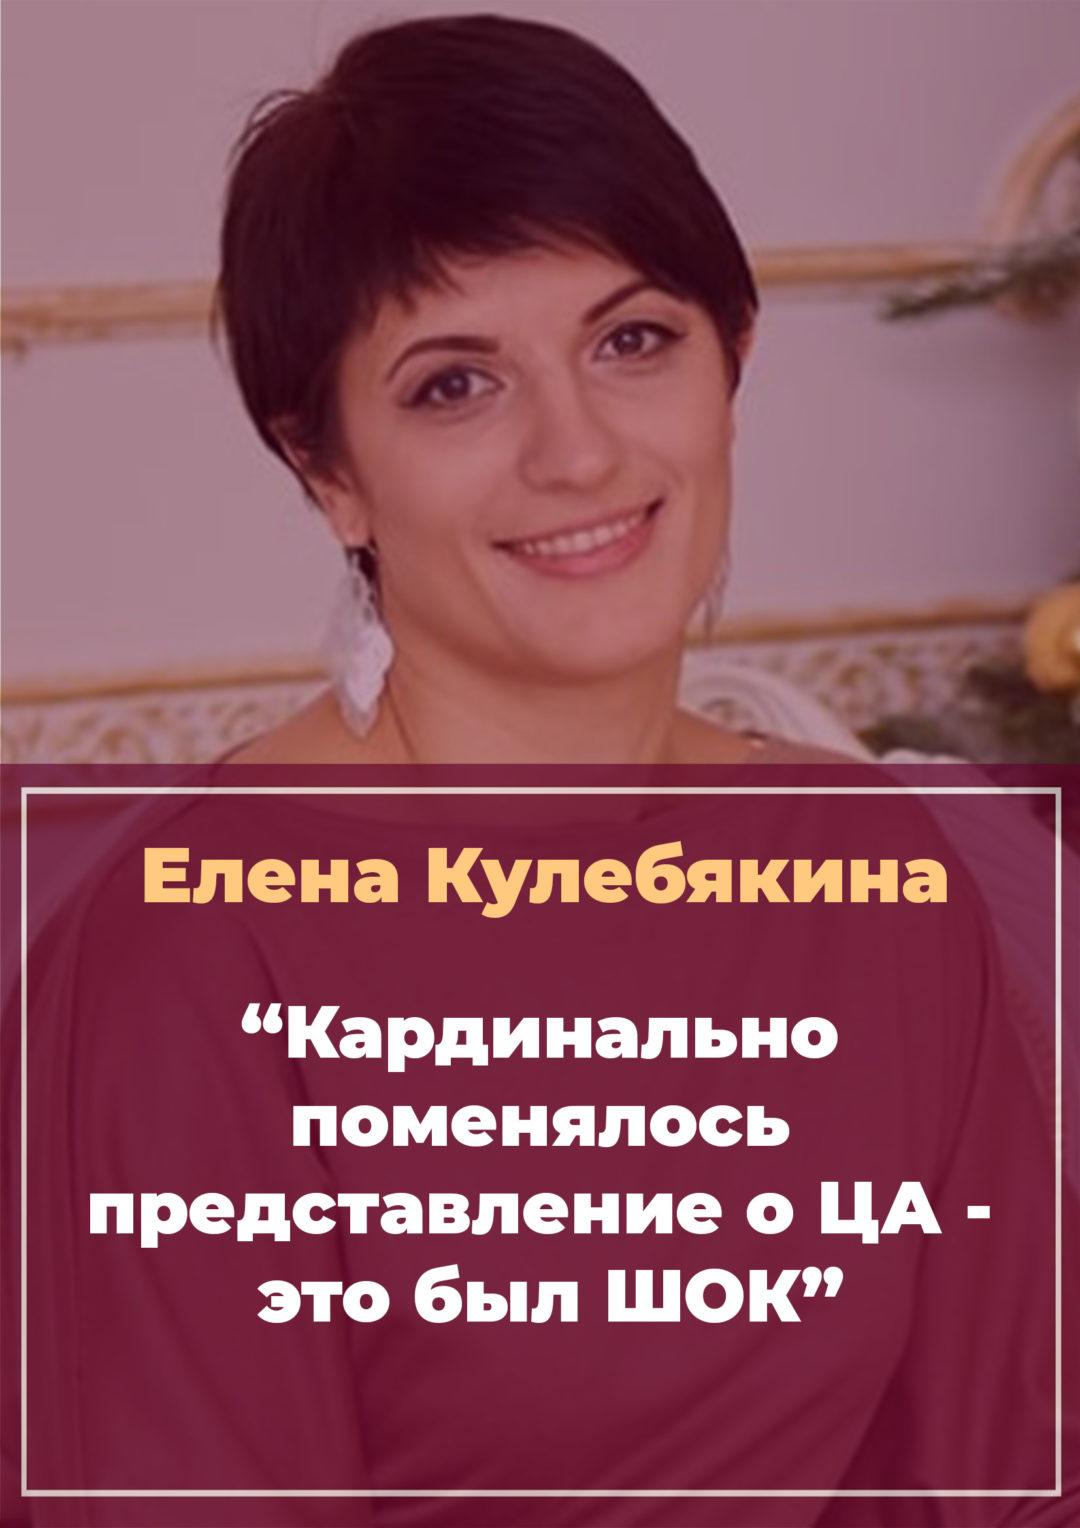 История Елены Кулебякиной